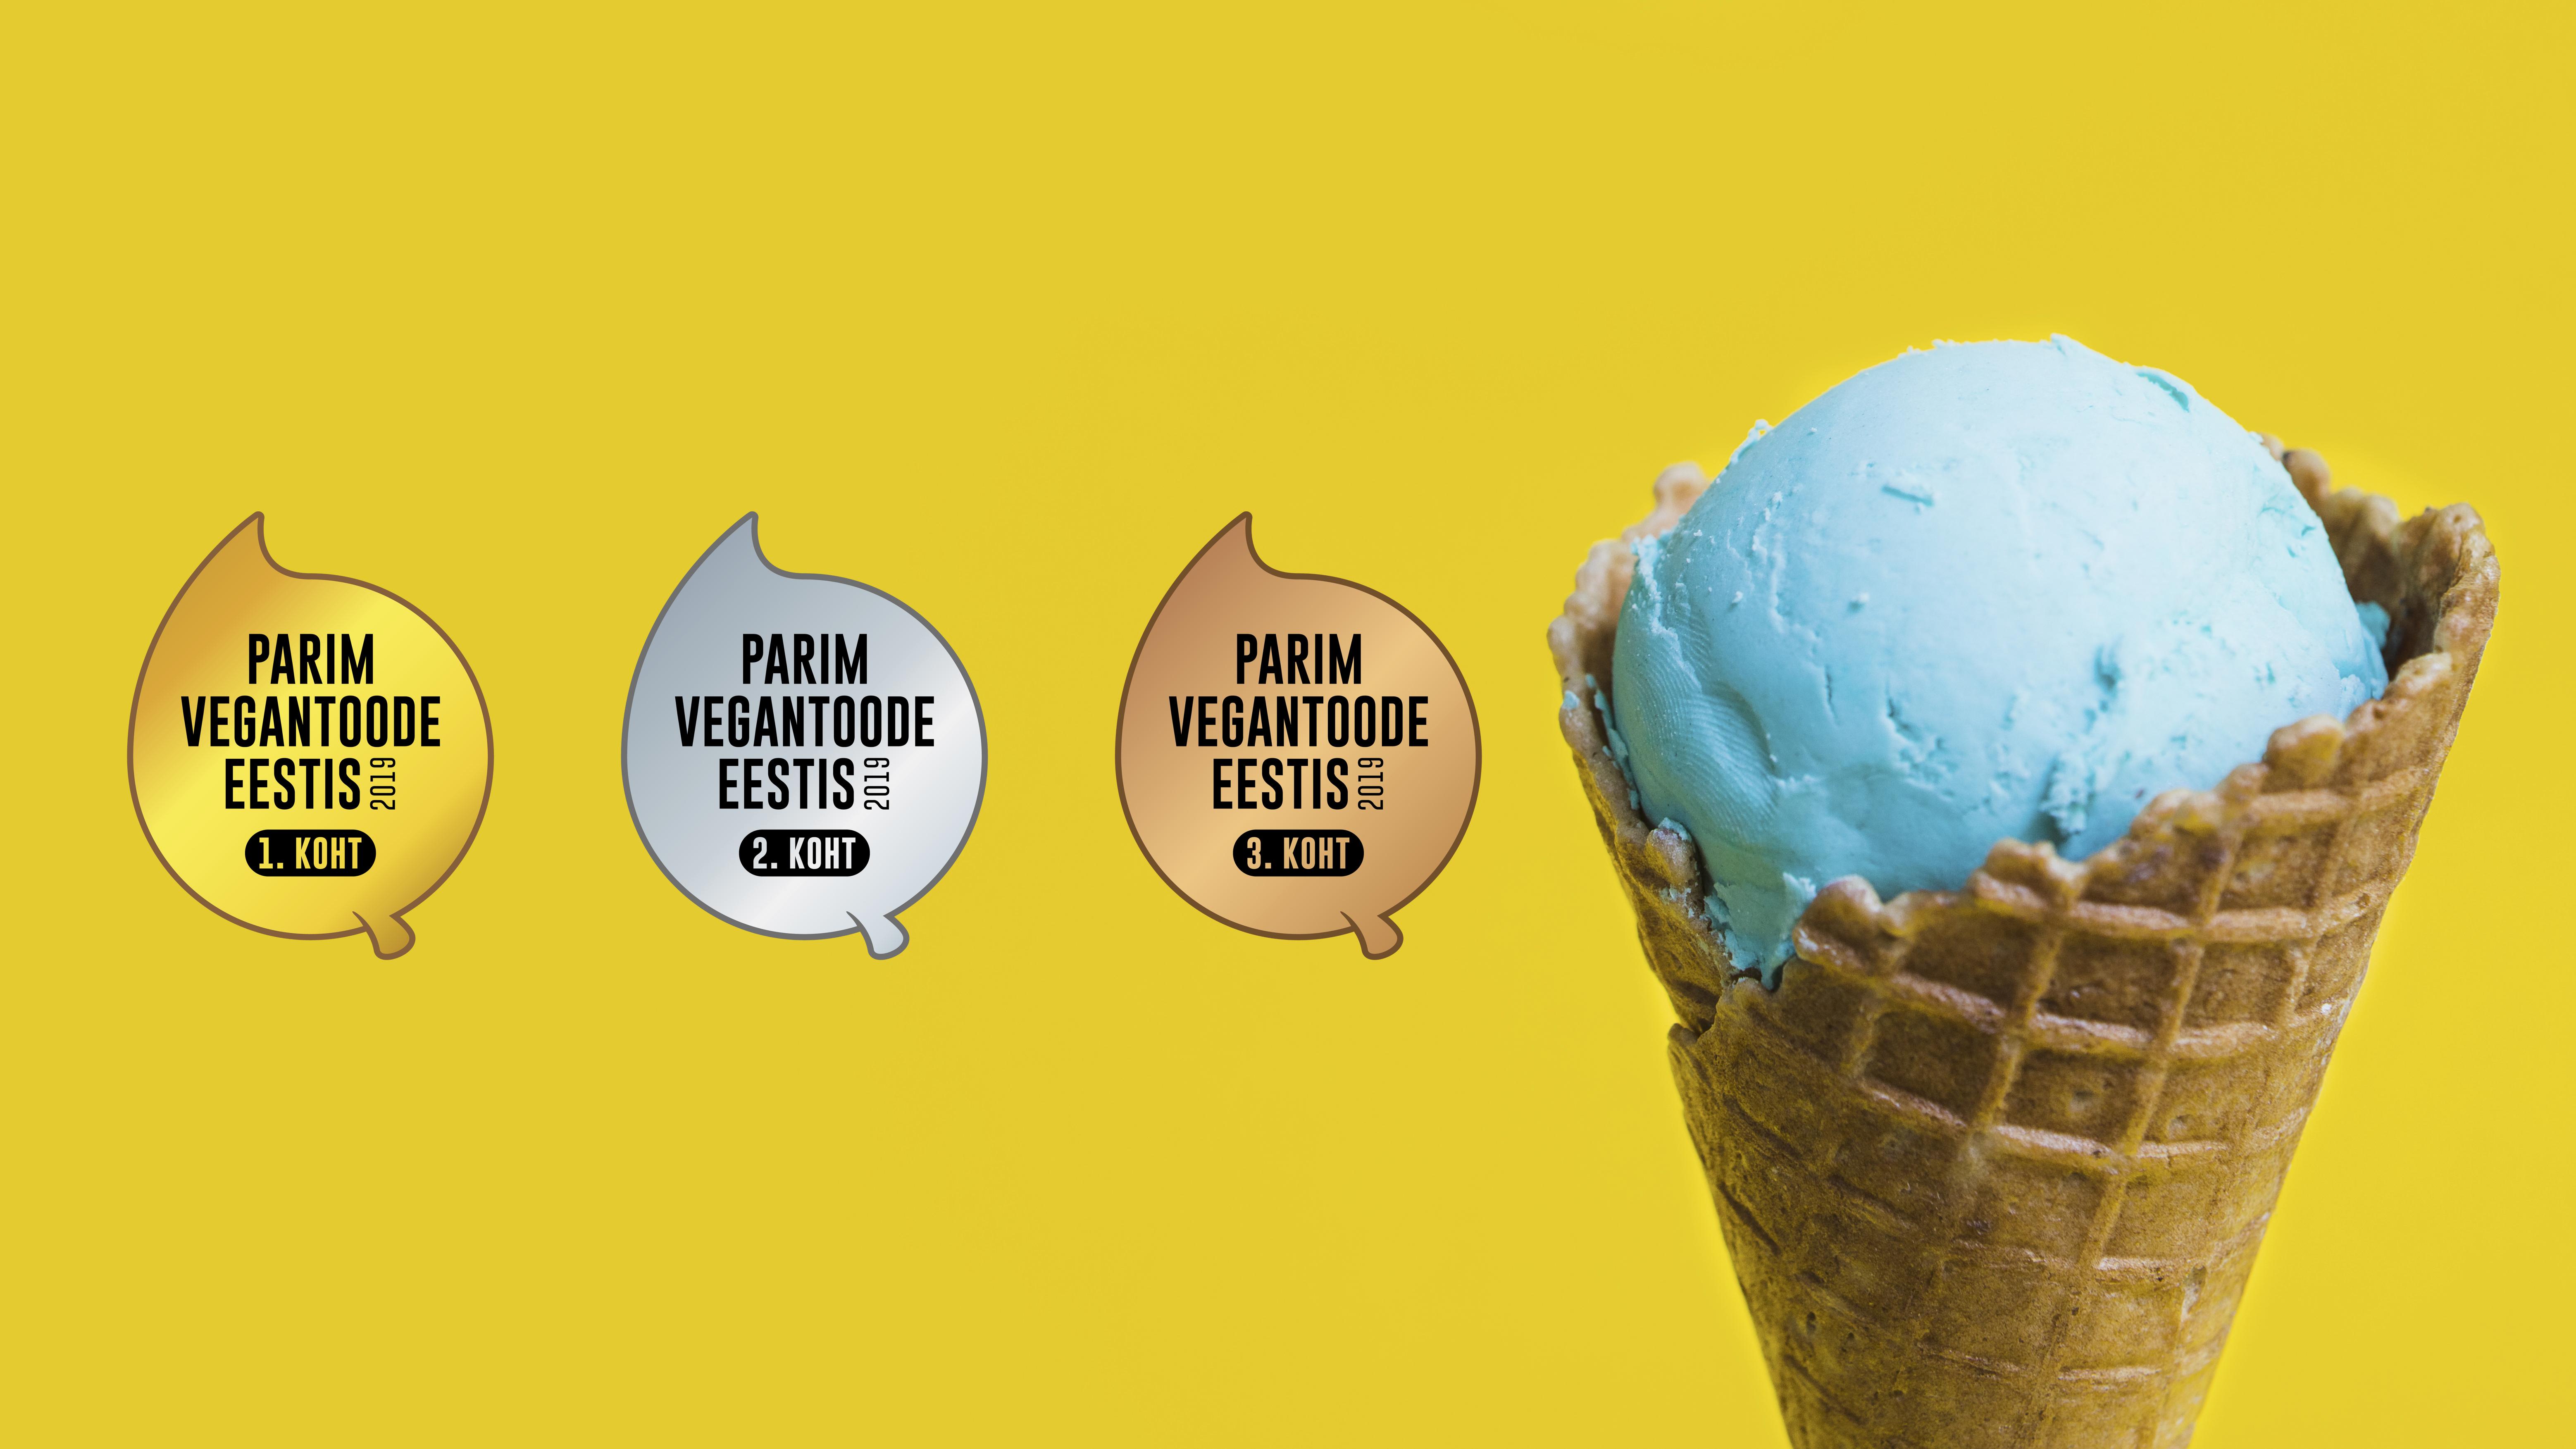 18dbca898c9 Aastas ilmub kuus Vegani ajakirjanumbrit ja igas numbris kuulutame välja  erinevates kategooriates esikolmikusse jõudnud tooted. Enim hääli saanud  tooted ...